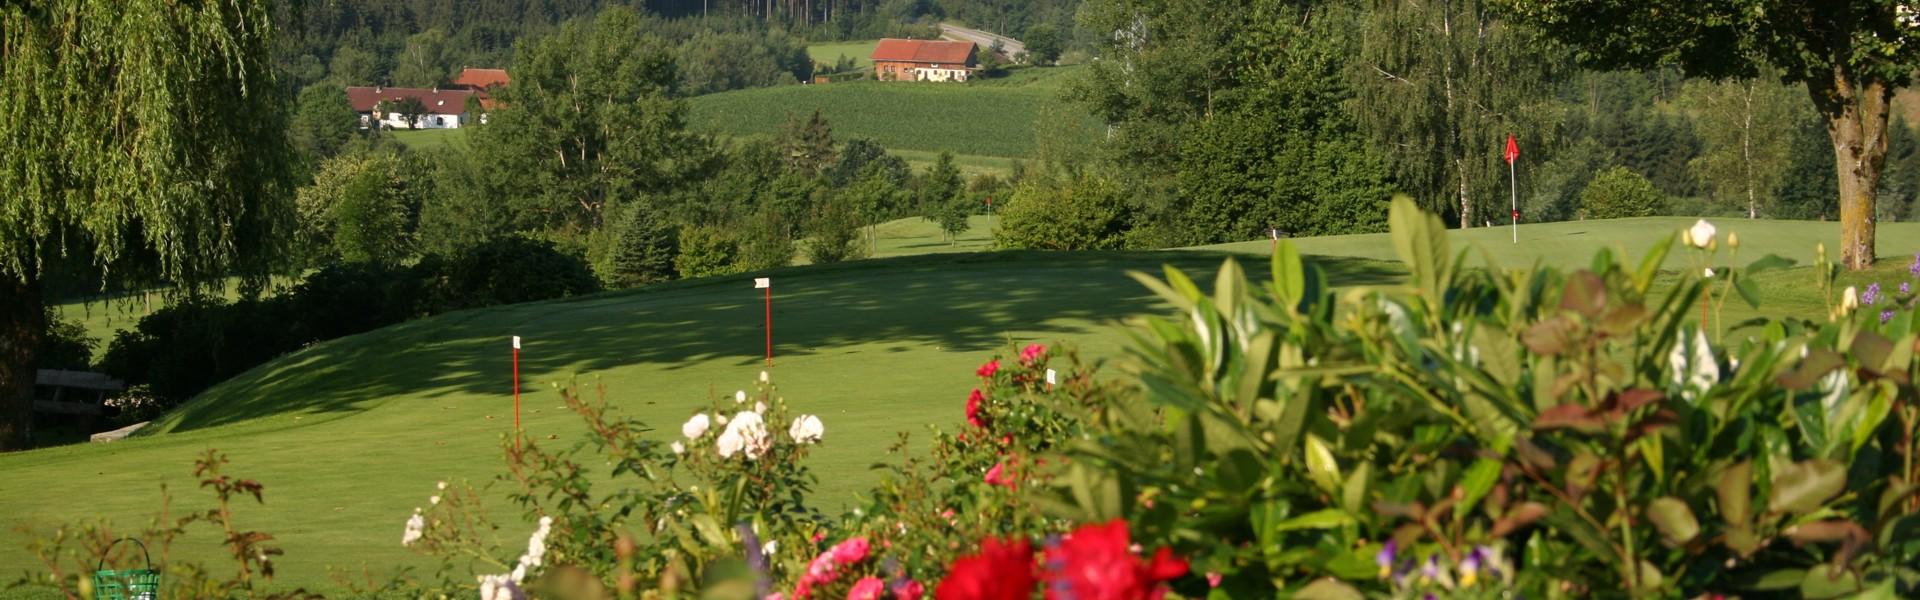 Putting-Green nach Hörreuth, ohne Leute, 24-Loch Golfanlage in Raßbach